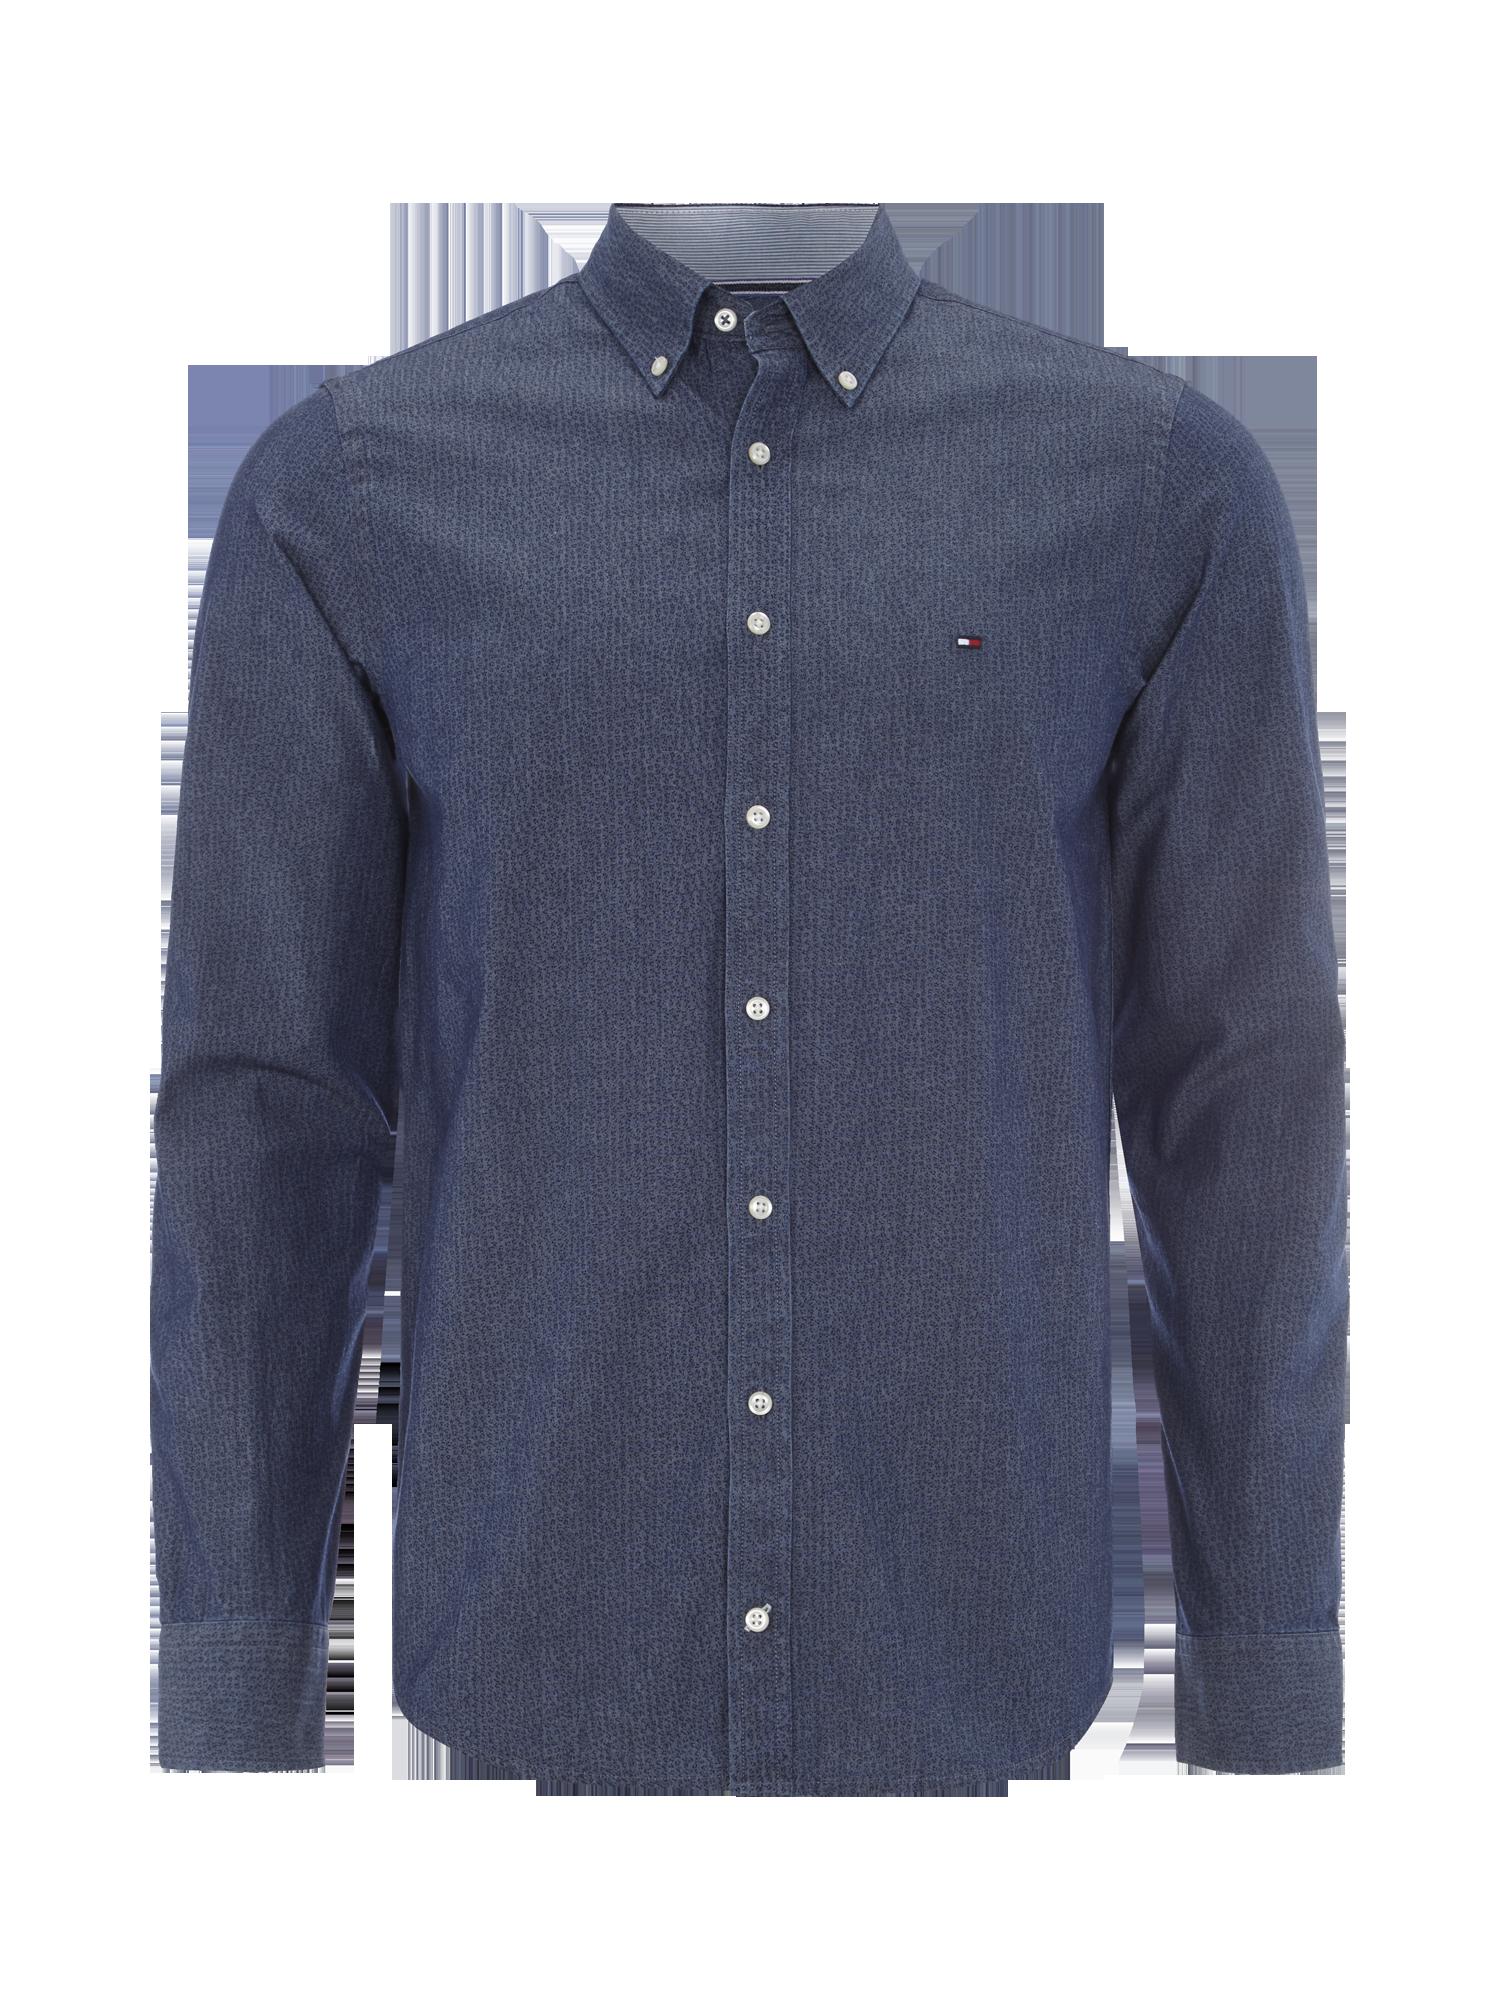 d9d97360efa6 TOMMY-HILFIGER Slim Fit Hemd mit Button Down Kragen - gemustert in Blau    Türkis online kaufen (9171077) ▷ P C Online Shop